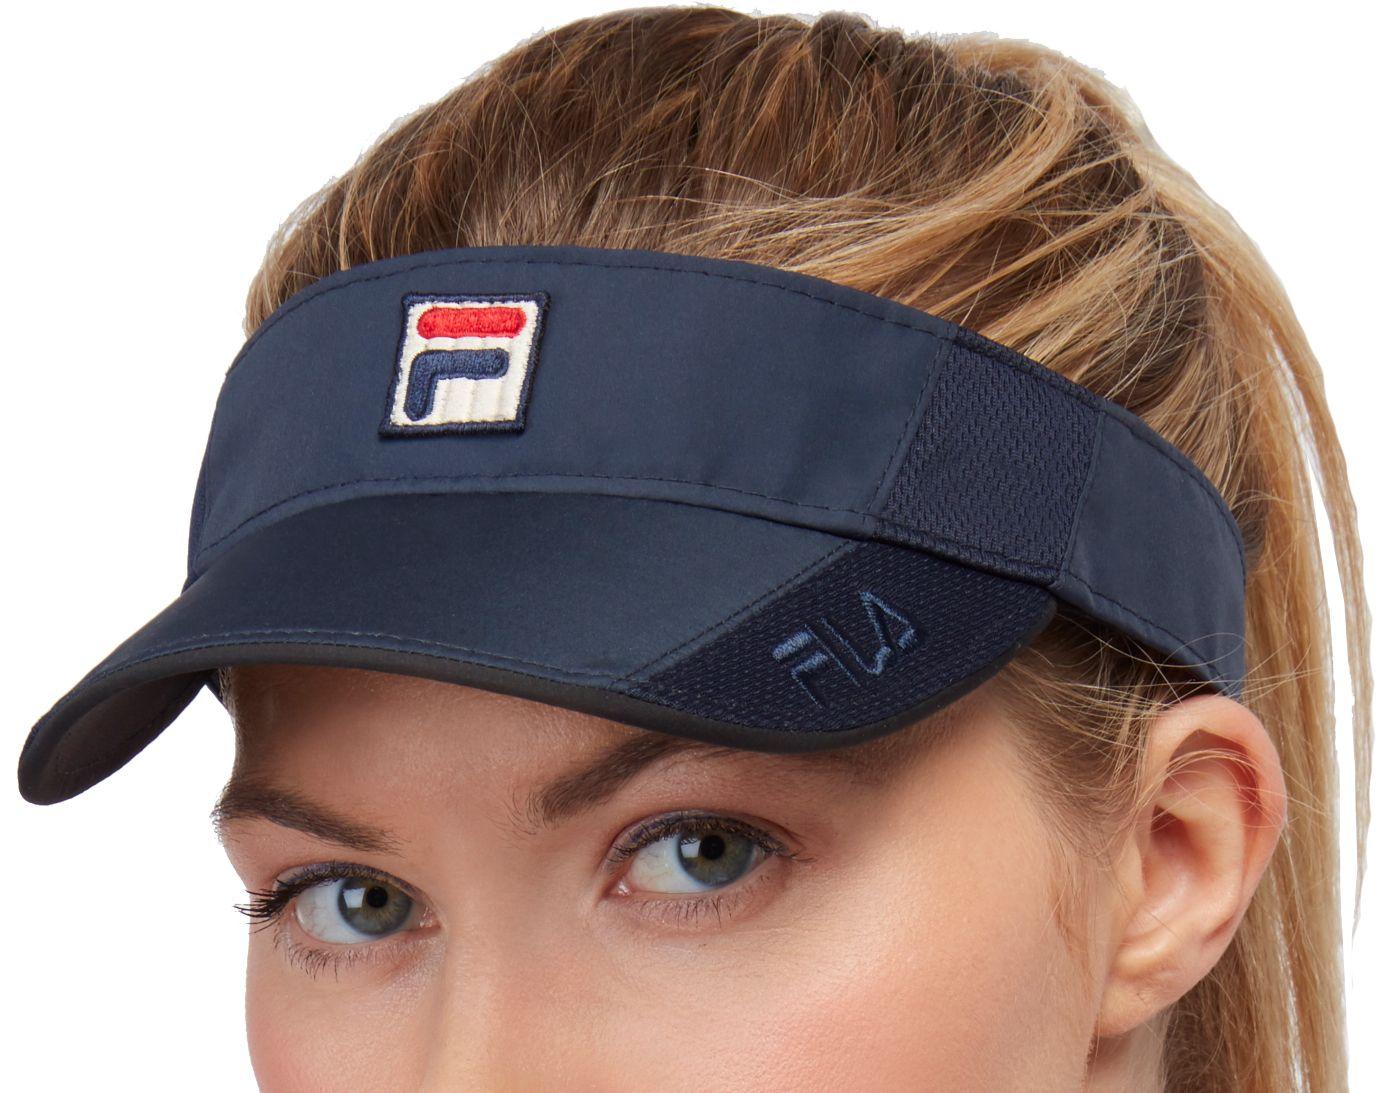 Fila Women's Performance Tennis Visor